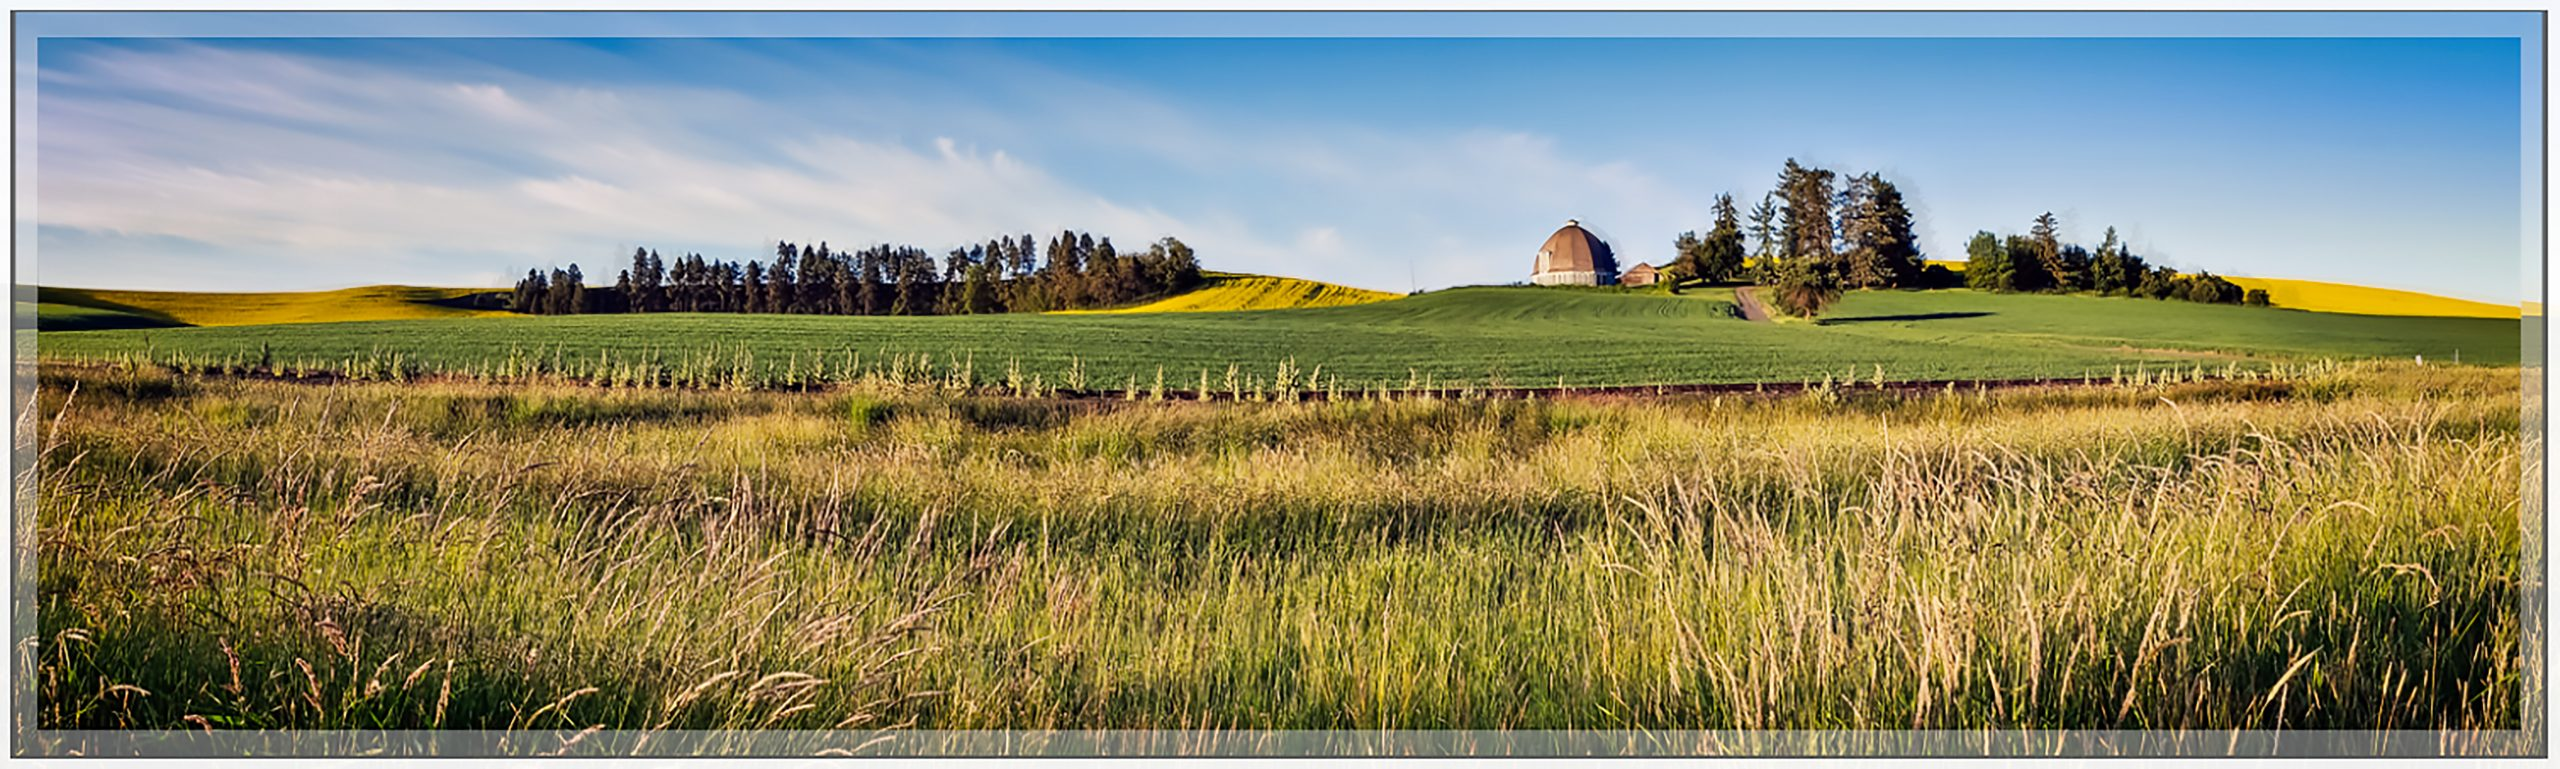 Farm on Palouse in June